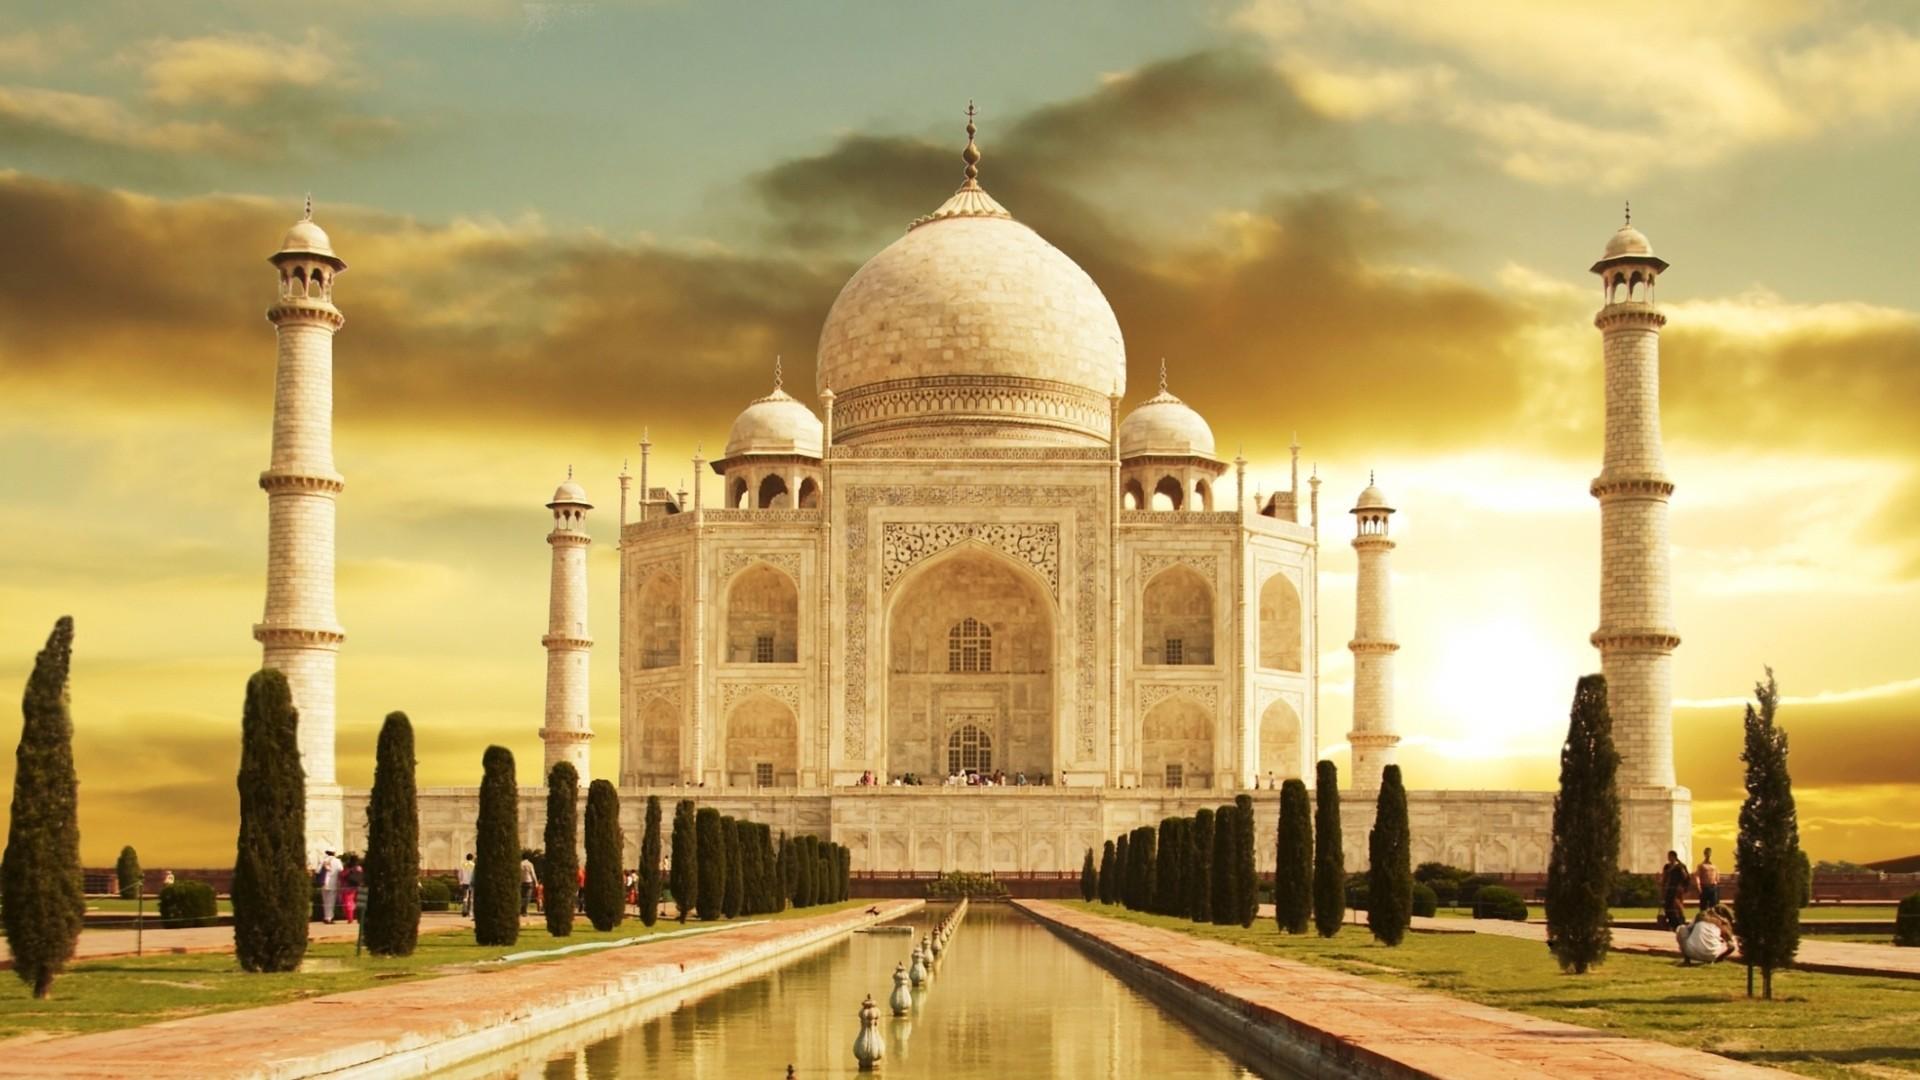 35590 Salvapantallas y fondos de pantalla Arquitectura en tu teléfono. Descarga imágenes de Paisaje, Arquitectura, Taj Mahal gratis